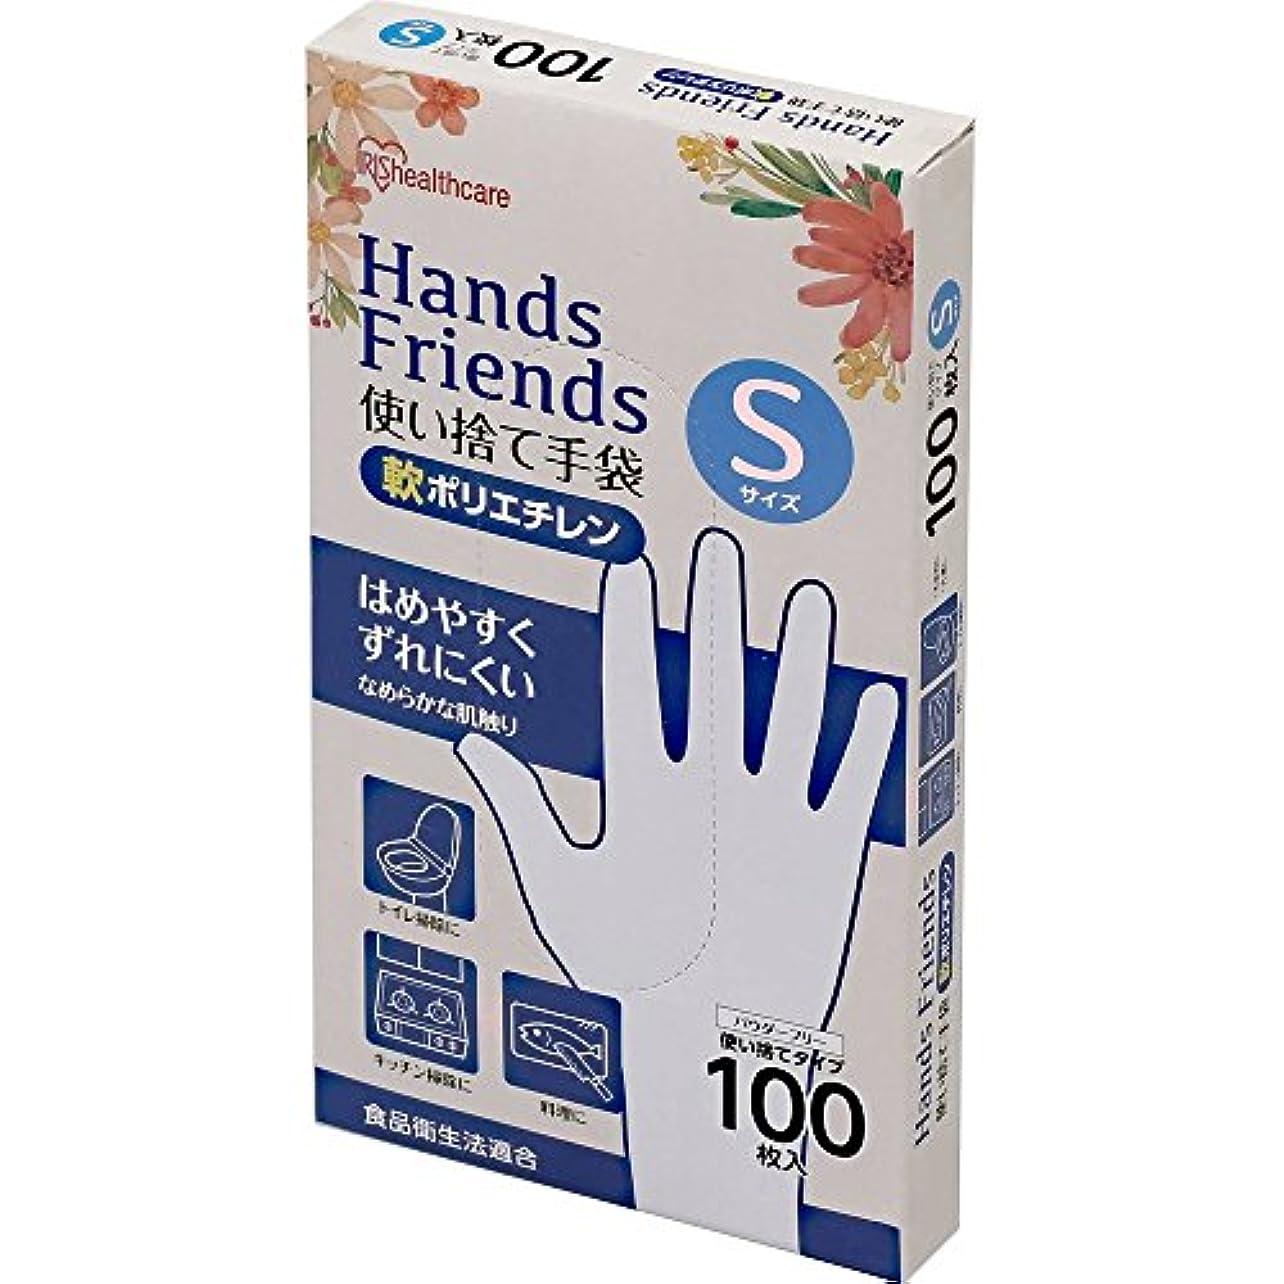 審判前進気球使い捨て手袋 軟ポリエチレン手袋 Sサイズ 粉なし パウダーフリー クリア 100枚入